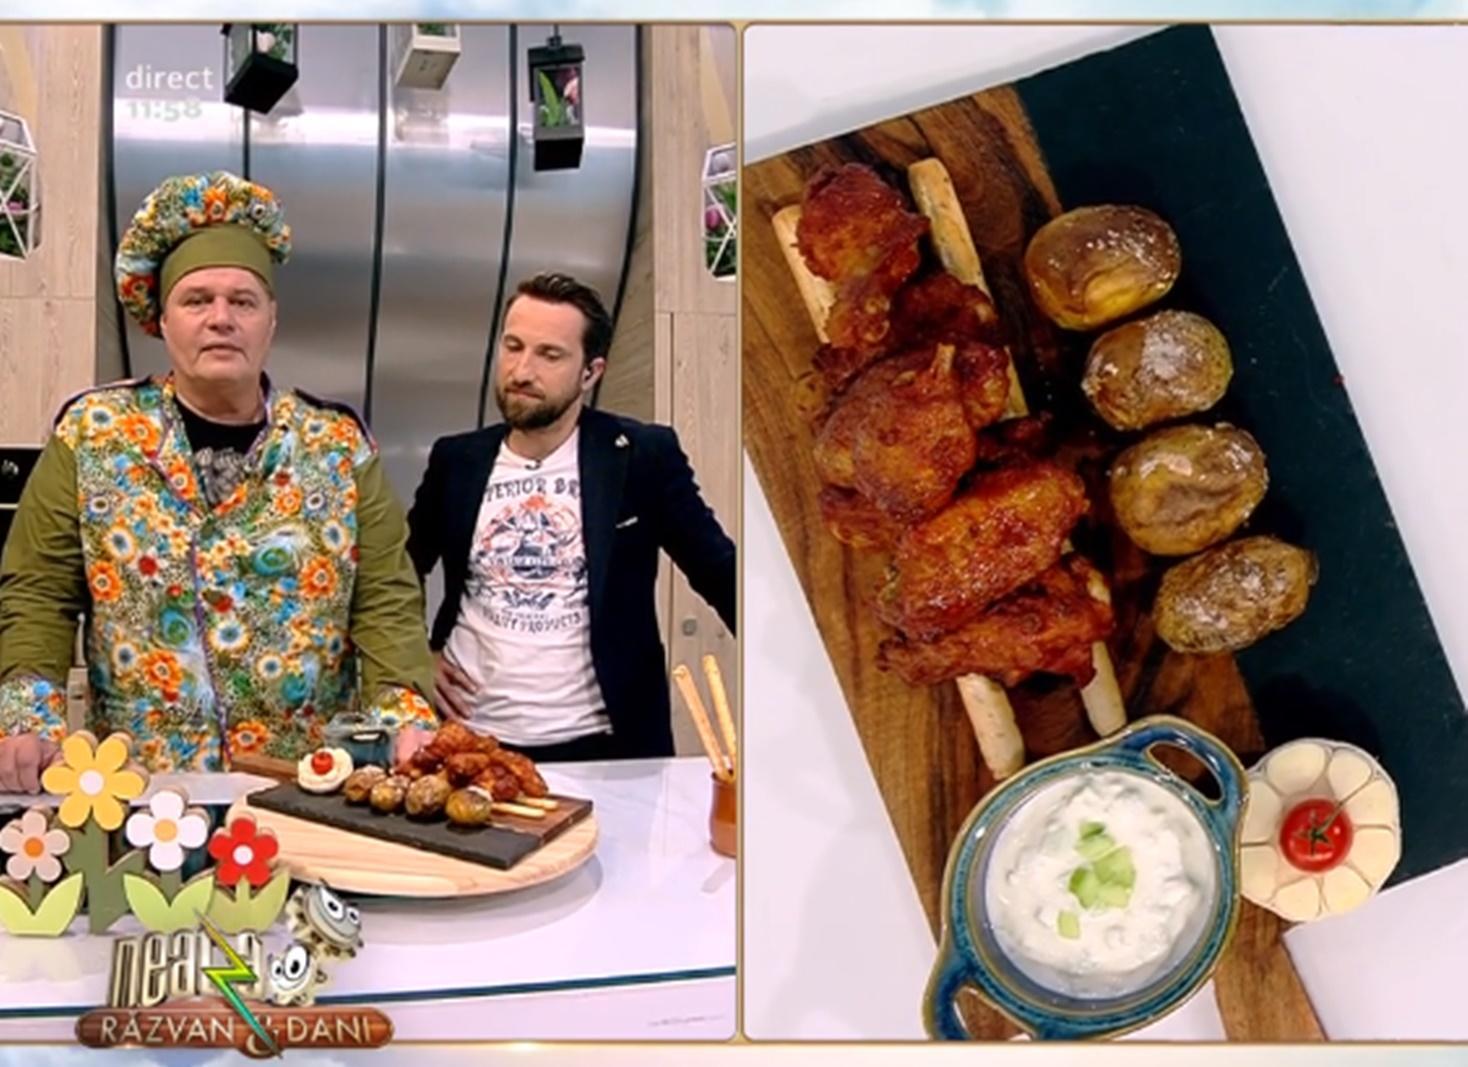 Rețetă delicioasă de aripioare de pui preparate în stil grecesc - Rețeta lui Vlăduț de la Neatza cu Răzvan şi Dani